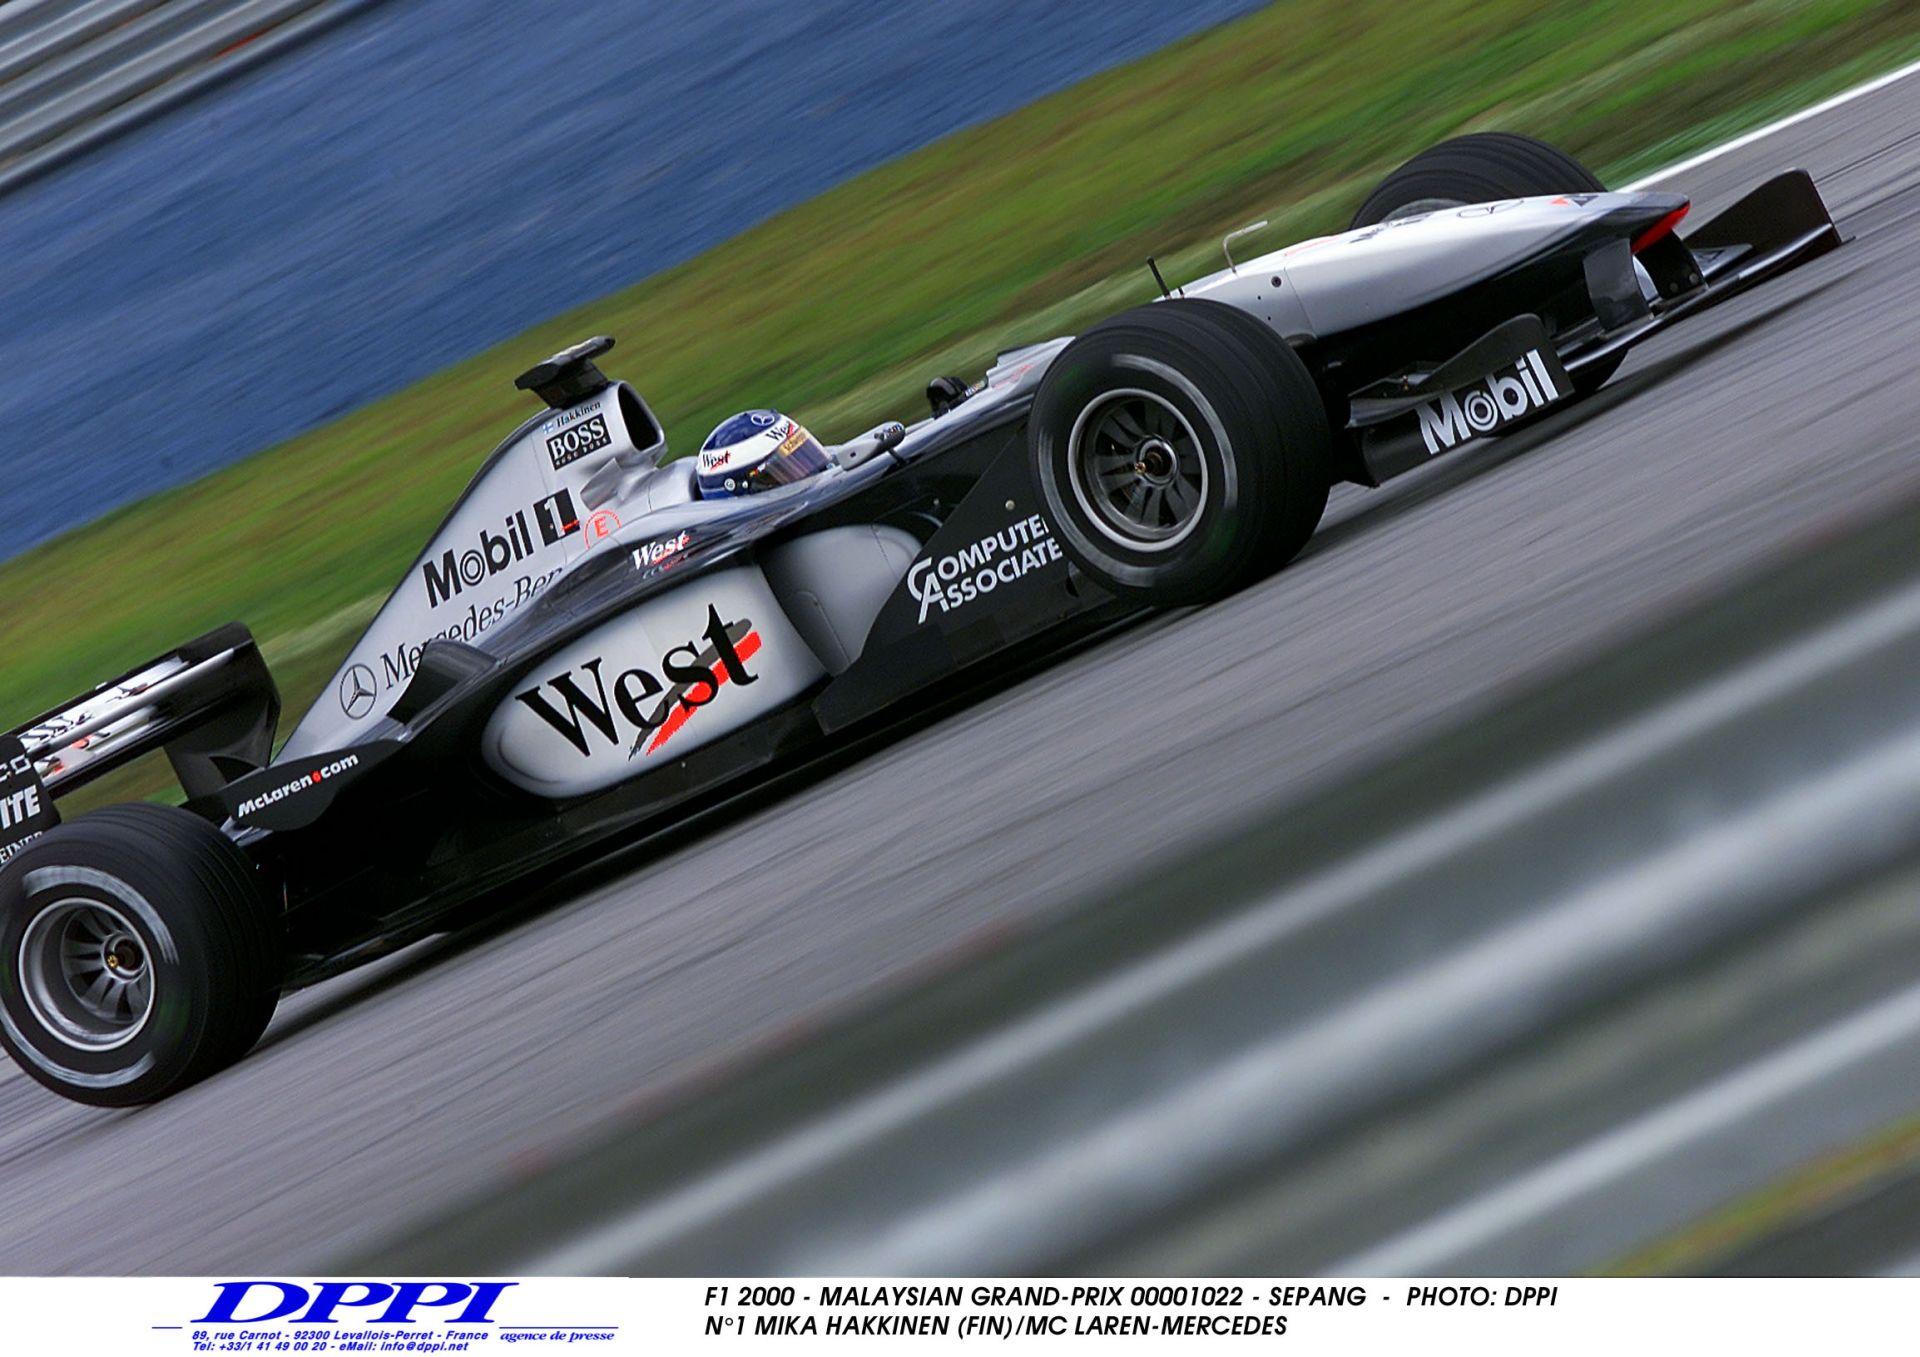 Egy felejthetetlen időmérő edzés Japánból: Hakkinen és Schumacher szoros csatája